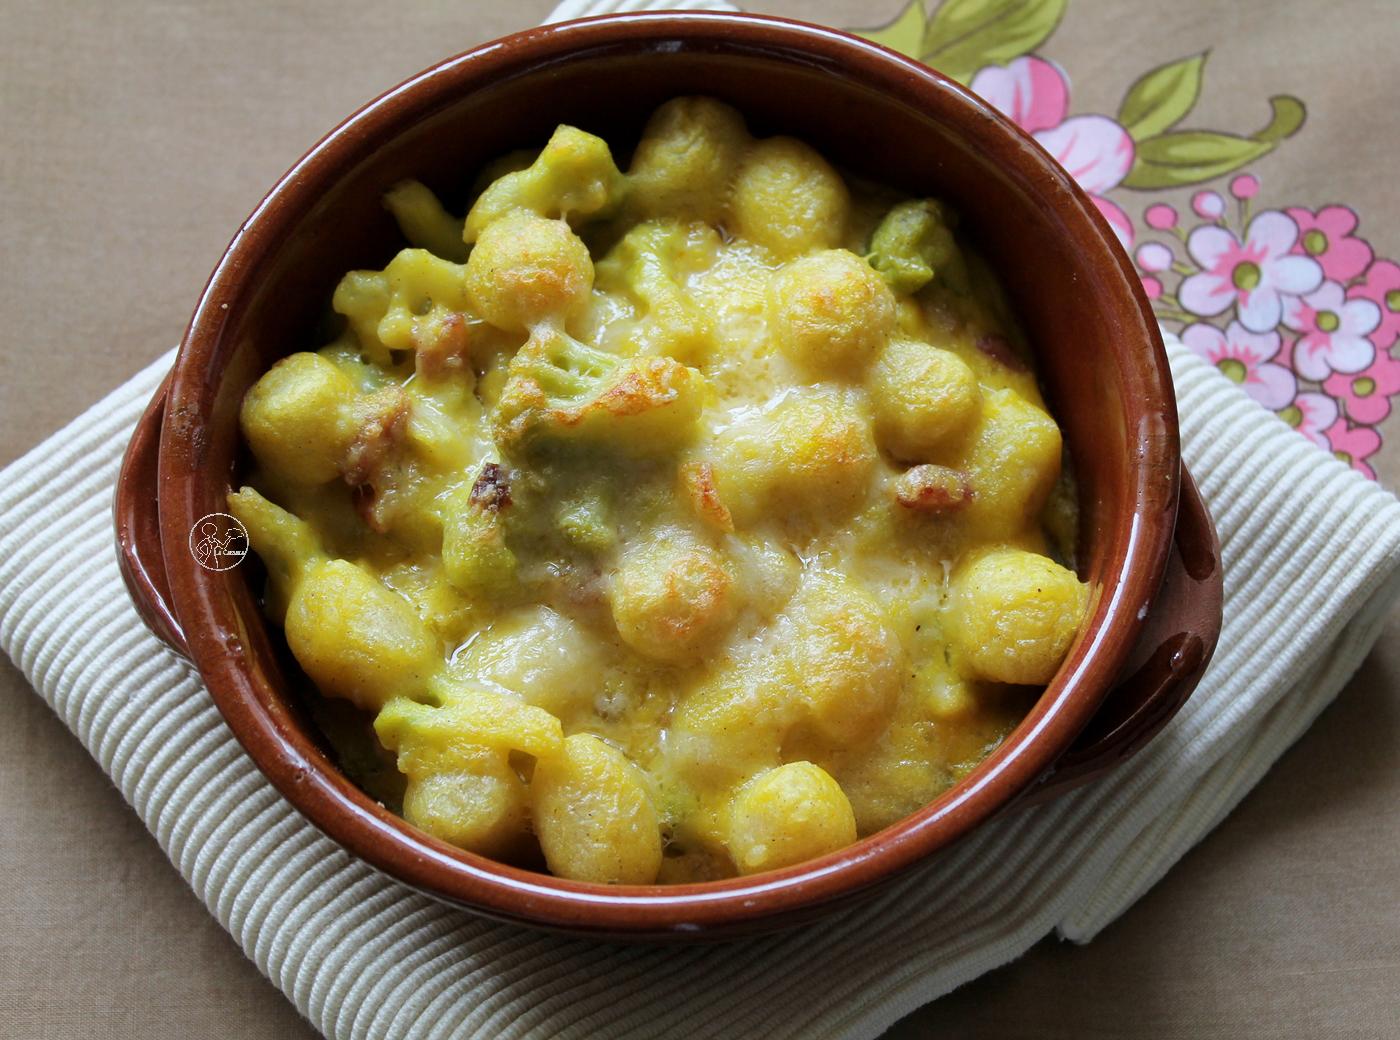 gnocchi di patate con besciamella allo zafferano, pancetta e broccoli